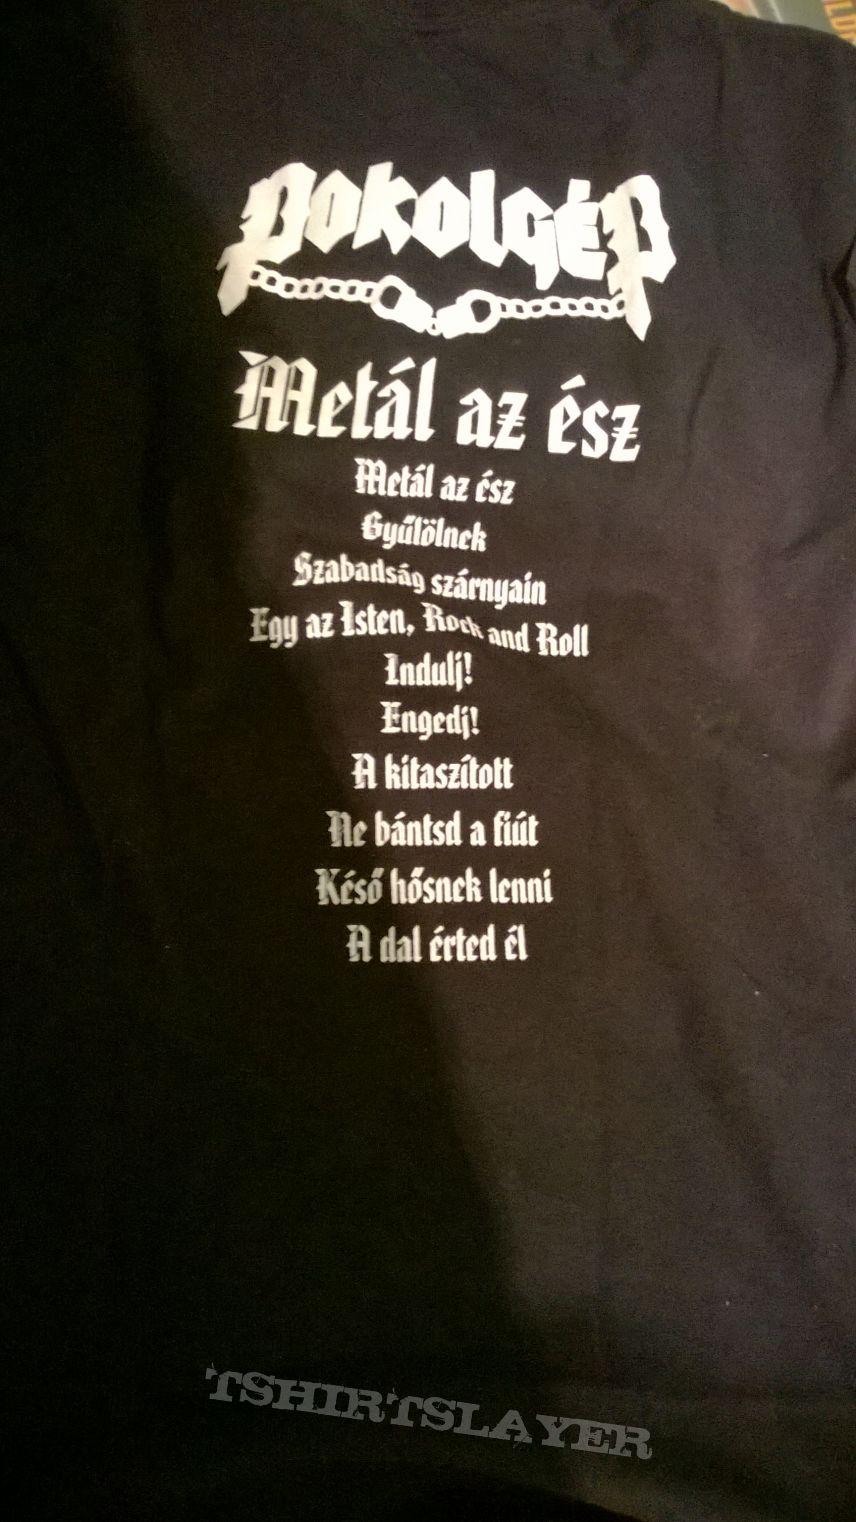 Pokolgép Metál az ész shirt